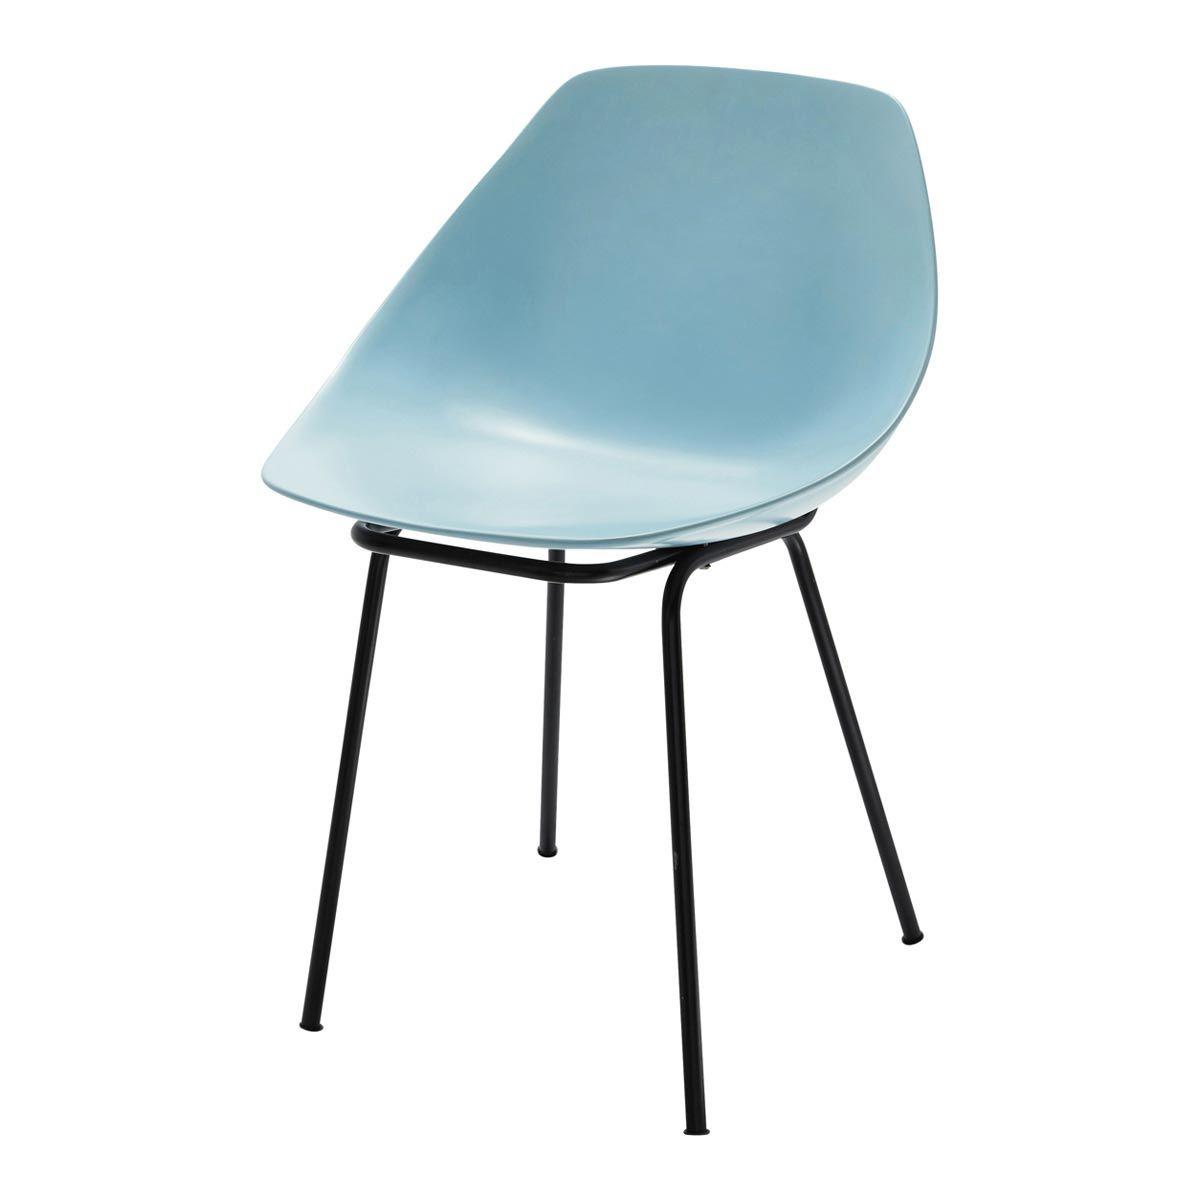 maison du monde chaise guariche en fibre de verre et mtal bleue coquillage